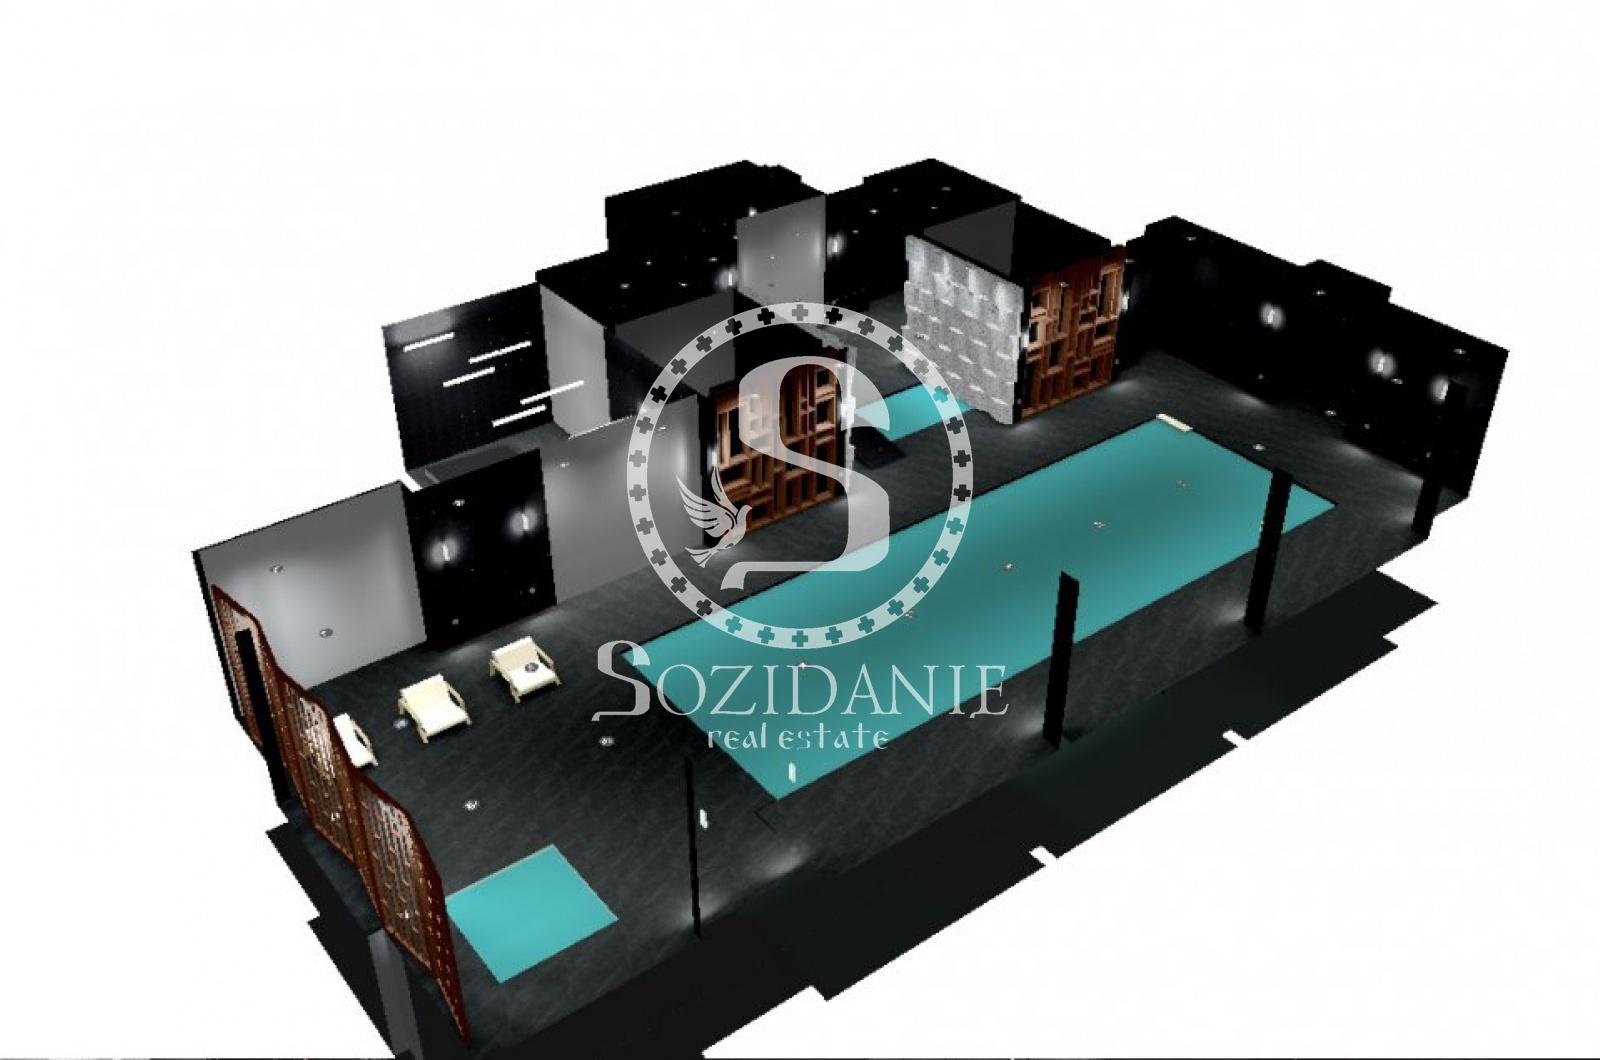 6 Bedrooms, Загородная, Продажа, Listing ID 3547, Московская область, Россия,